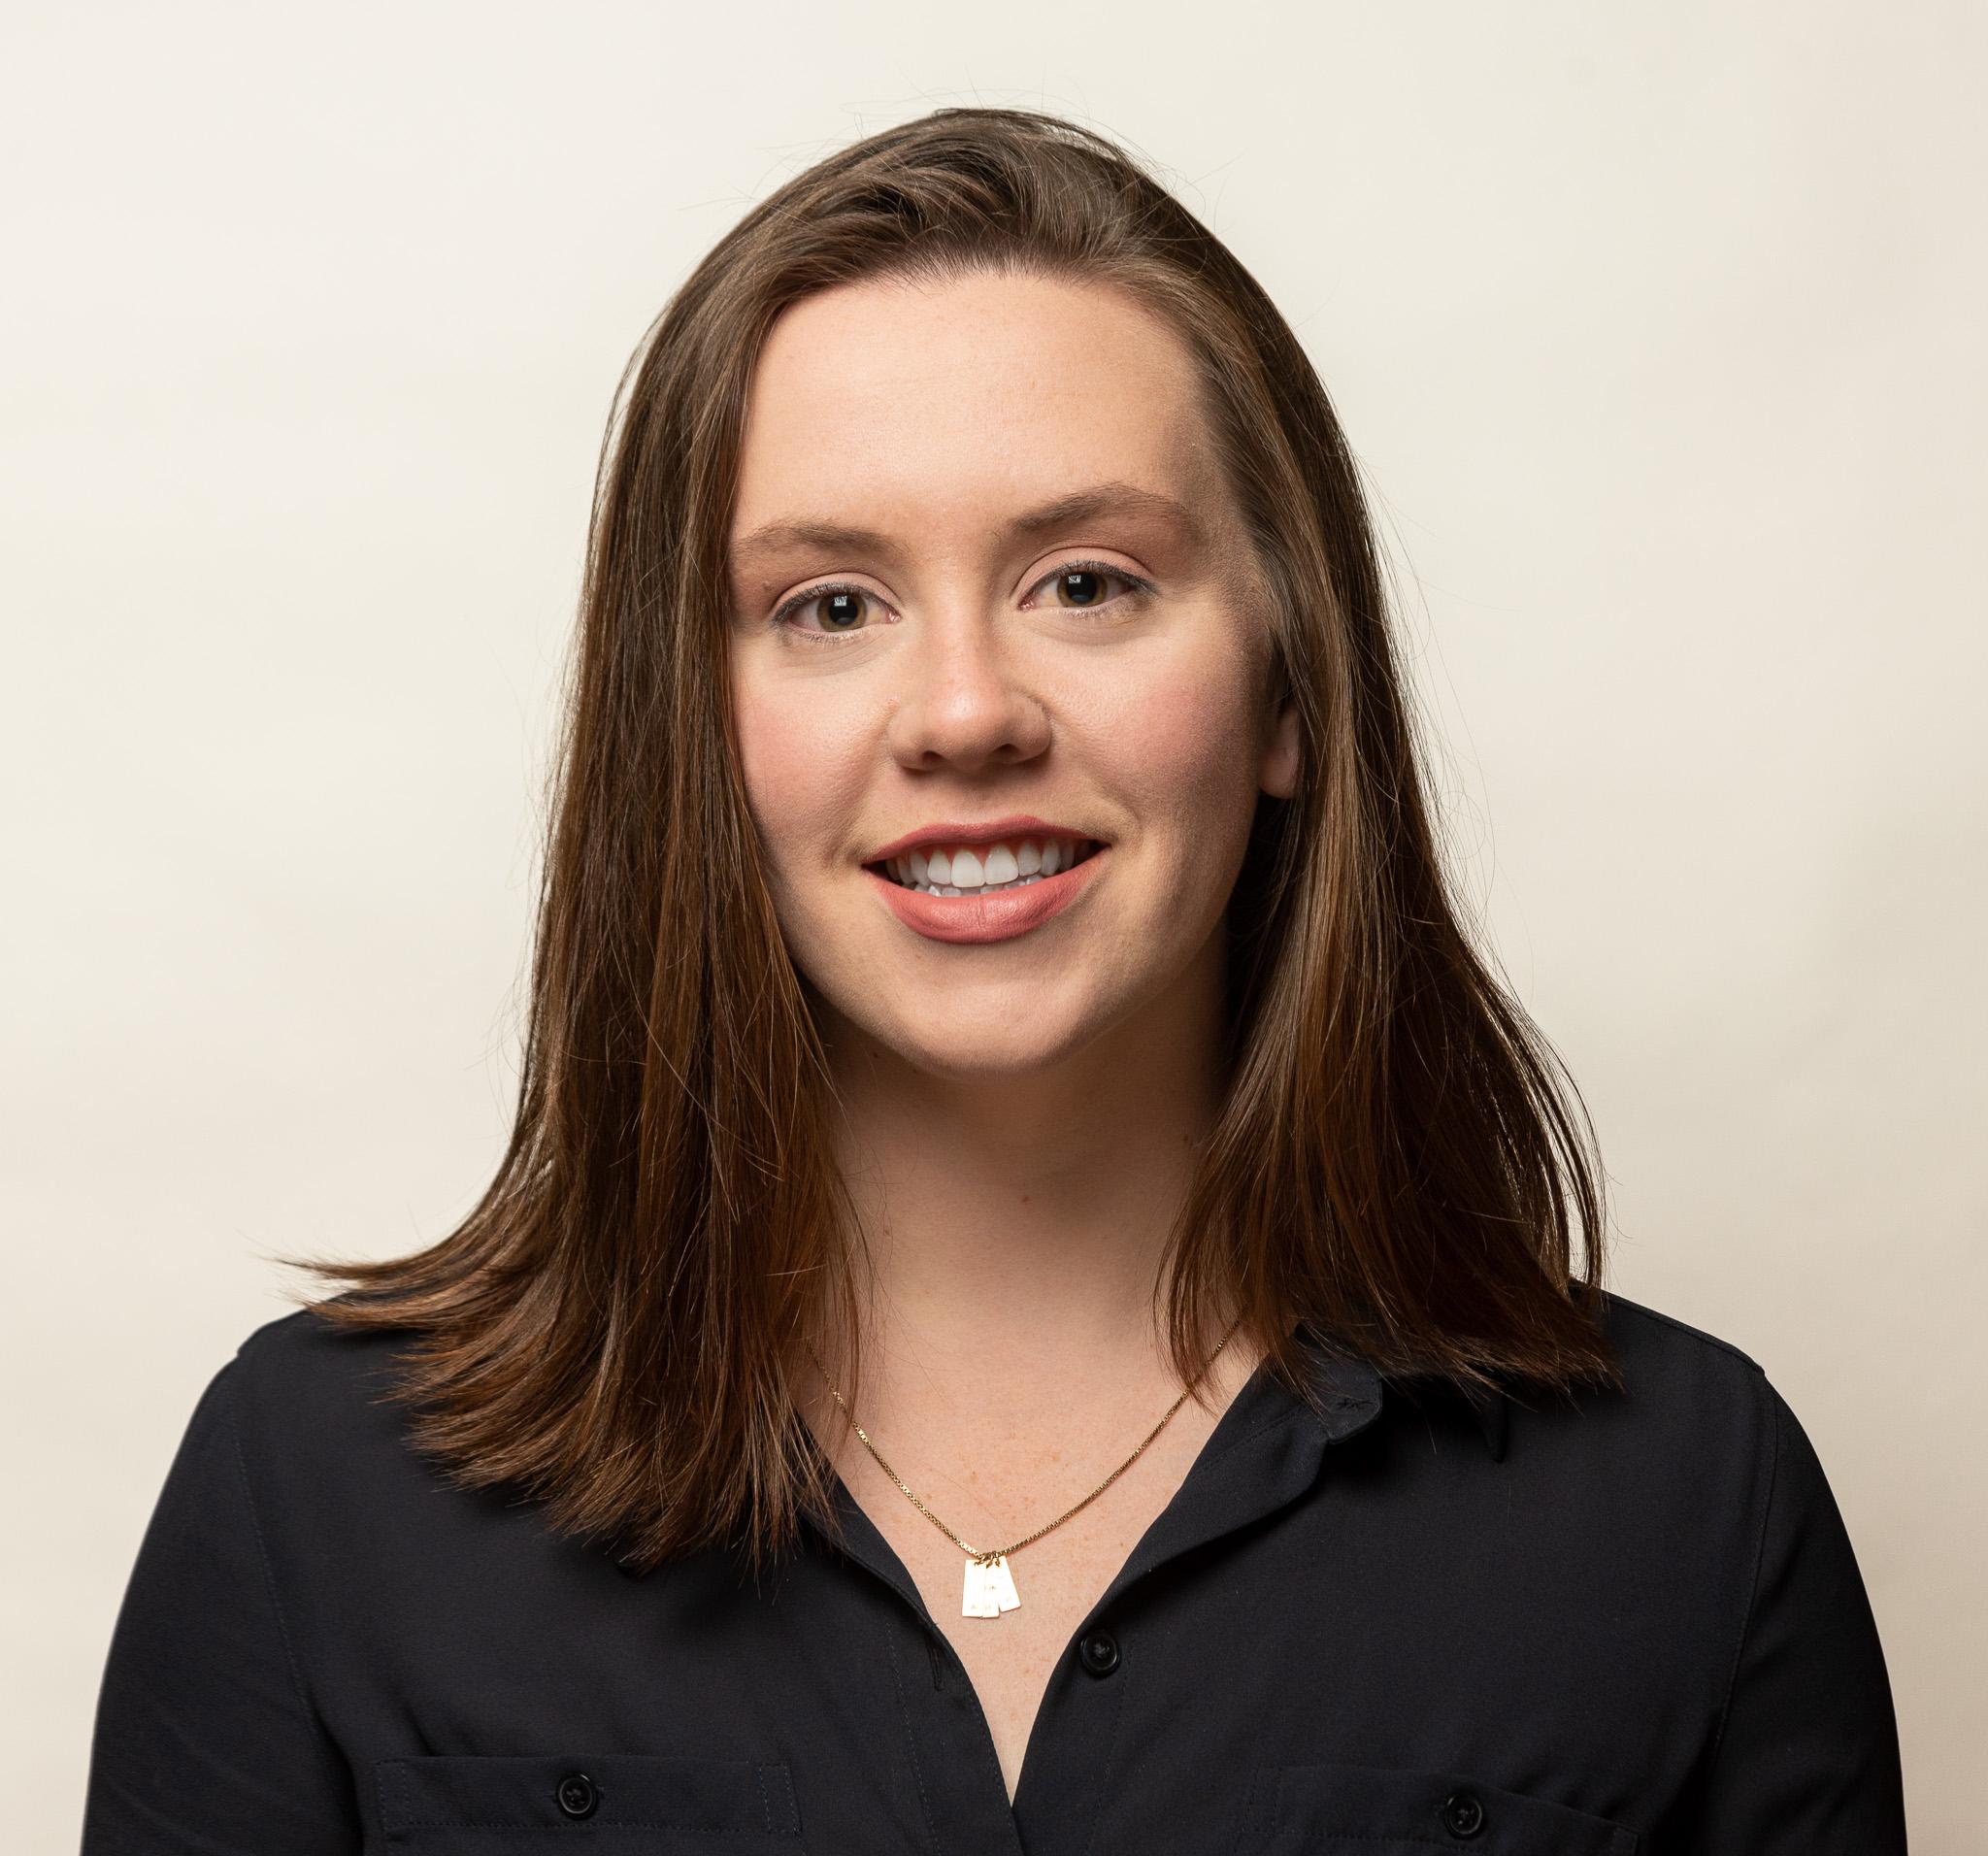 Paige Kummer